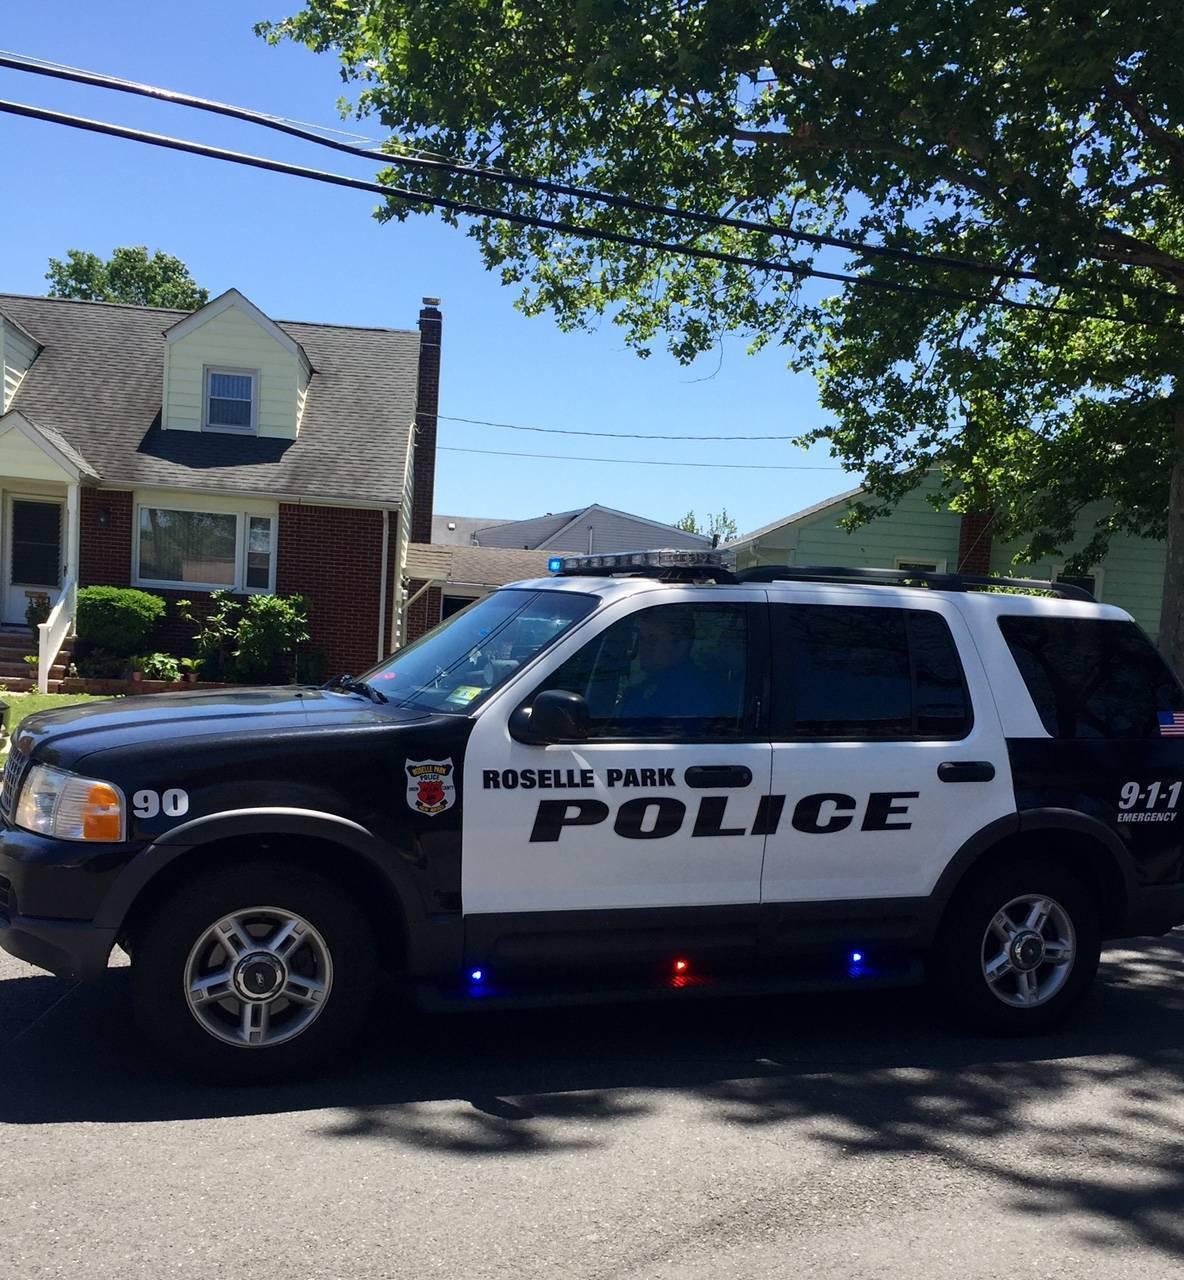 Roselle Park Police Car.jpg